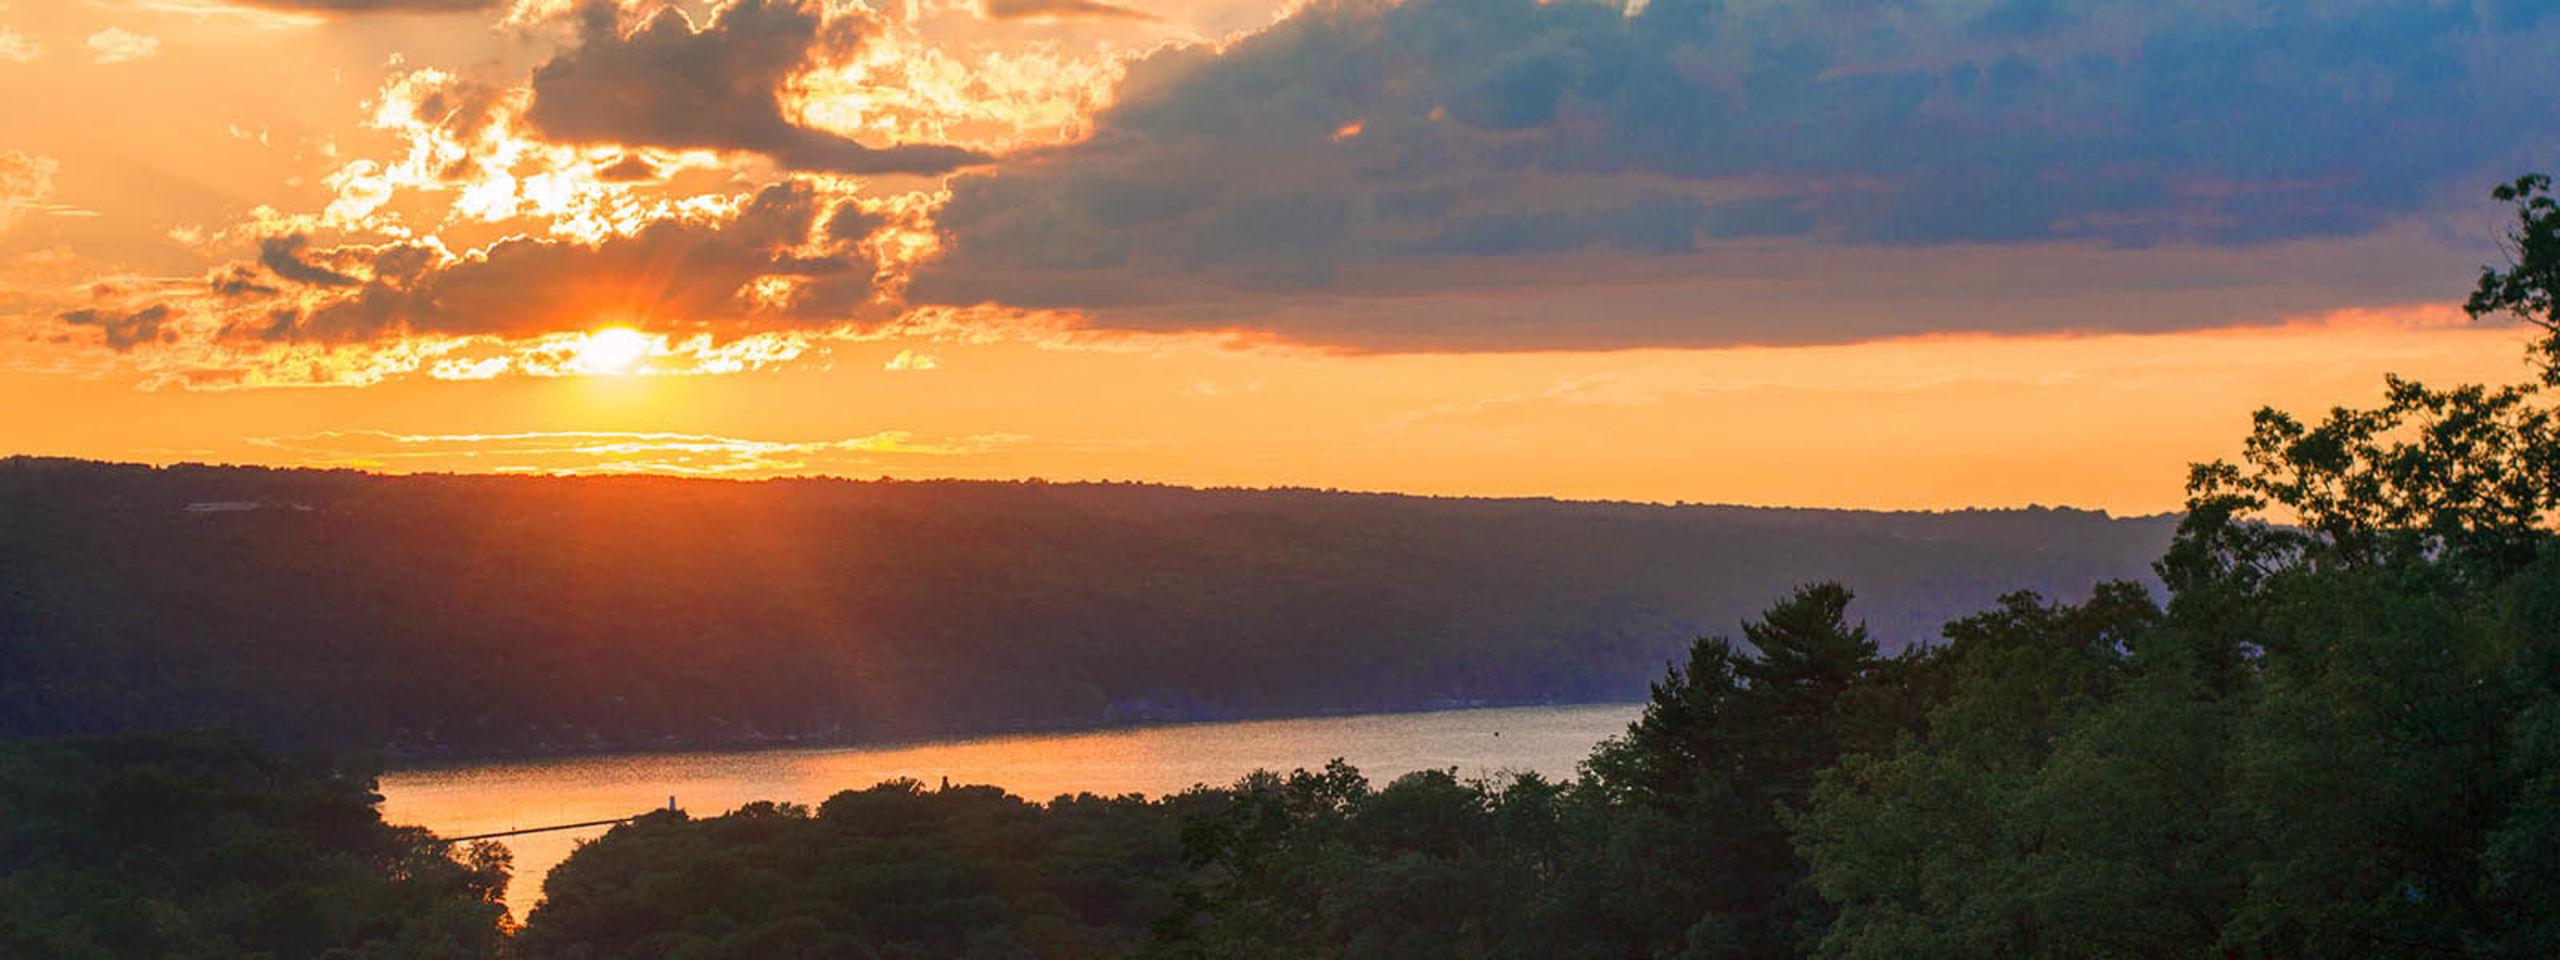 Cayuga Lake at Sunset